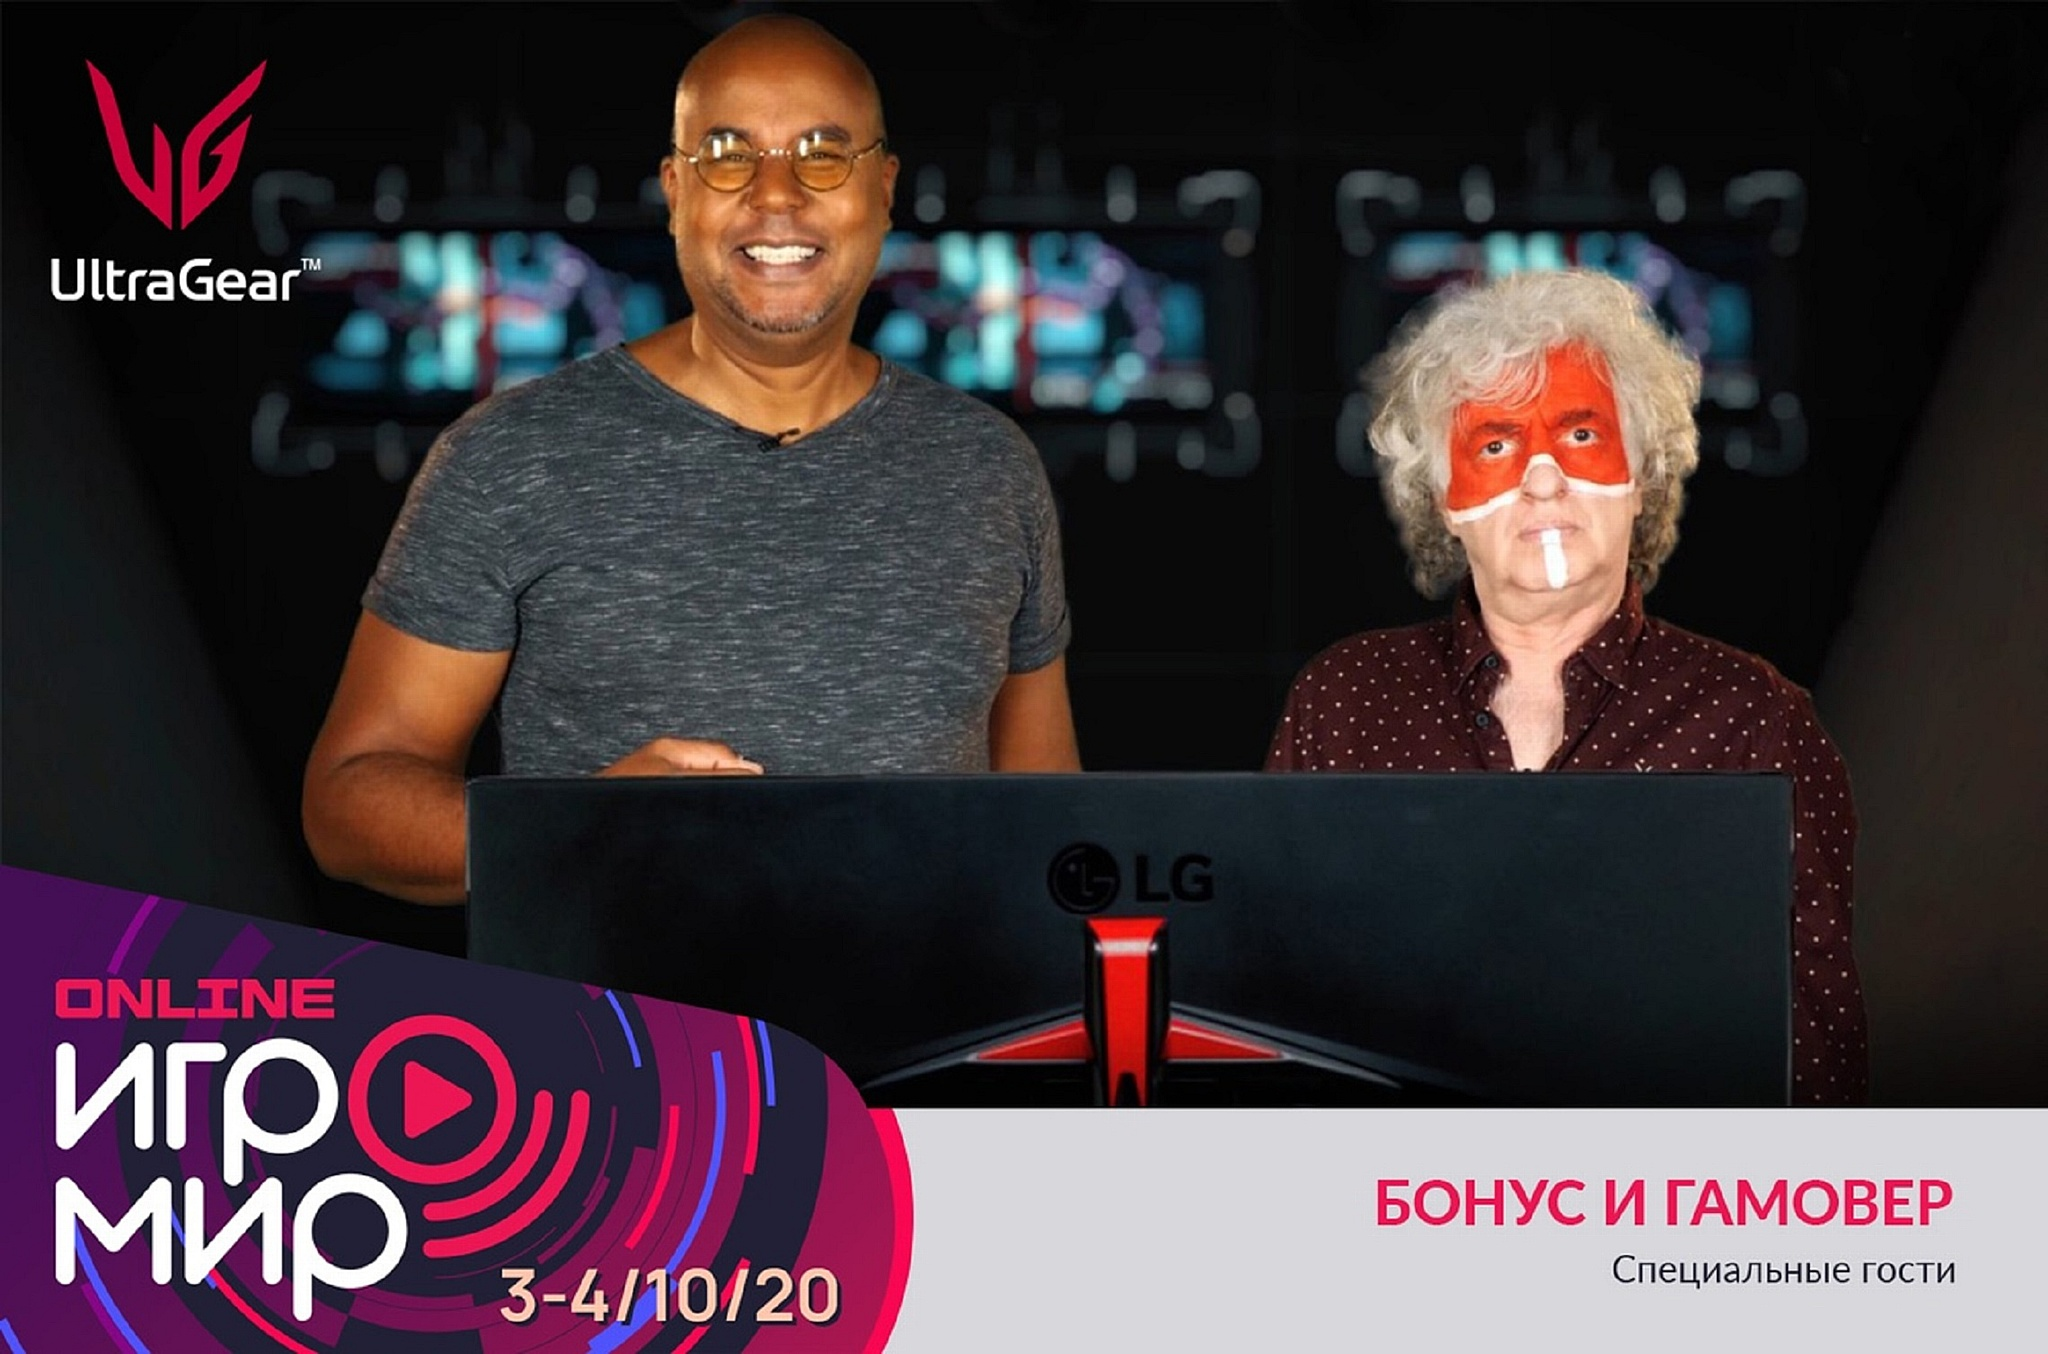 LG Ultra GearTM на  «Игромир и Comic Con Russia 2020» в онлайн-формате